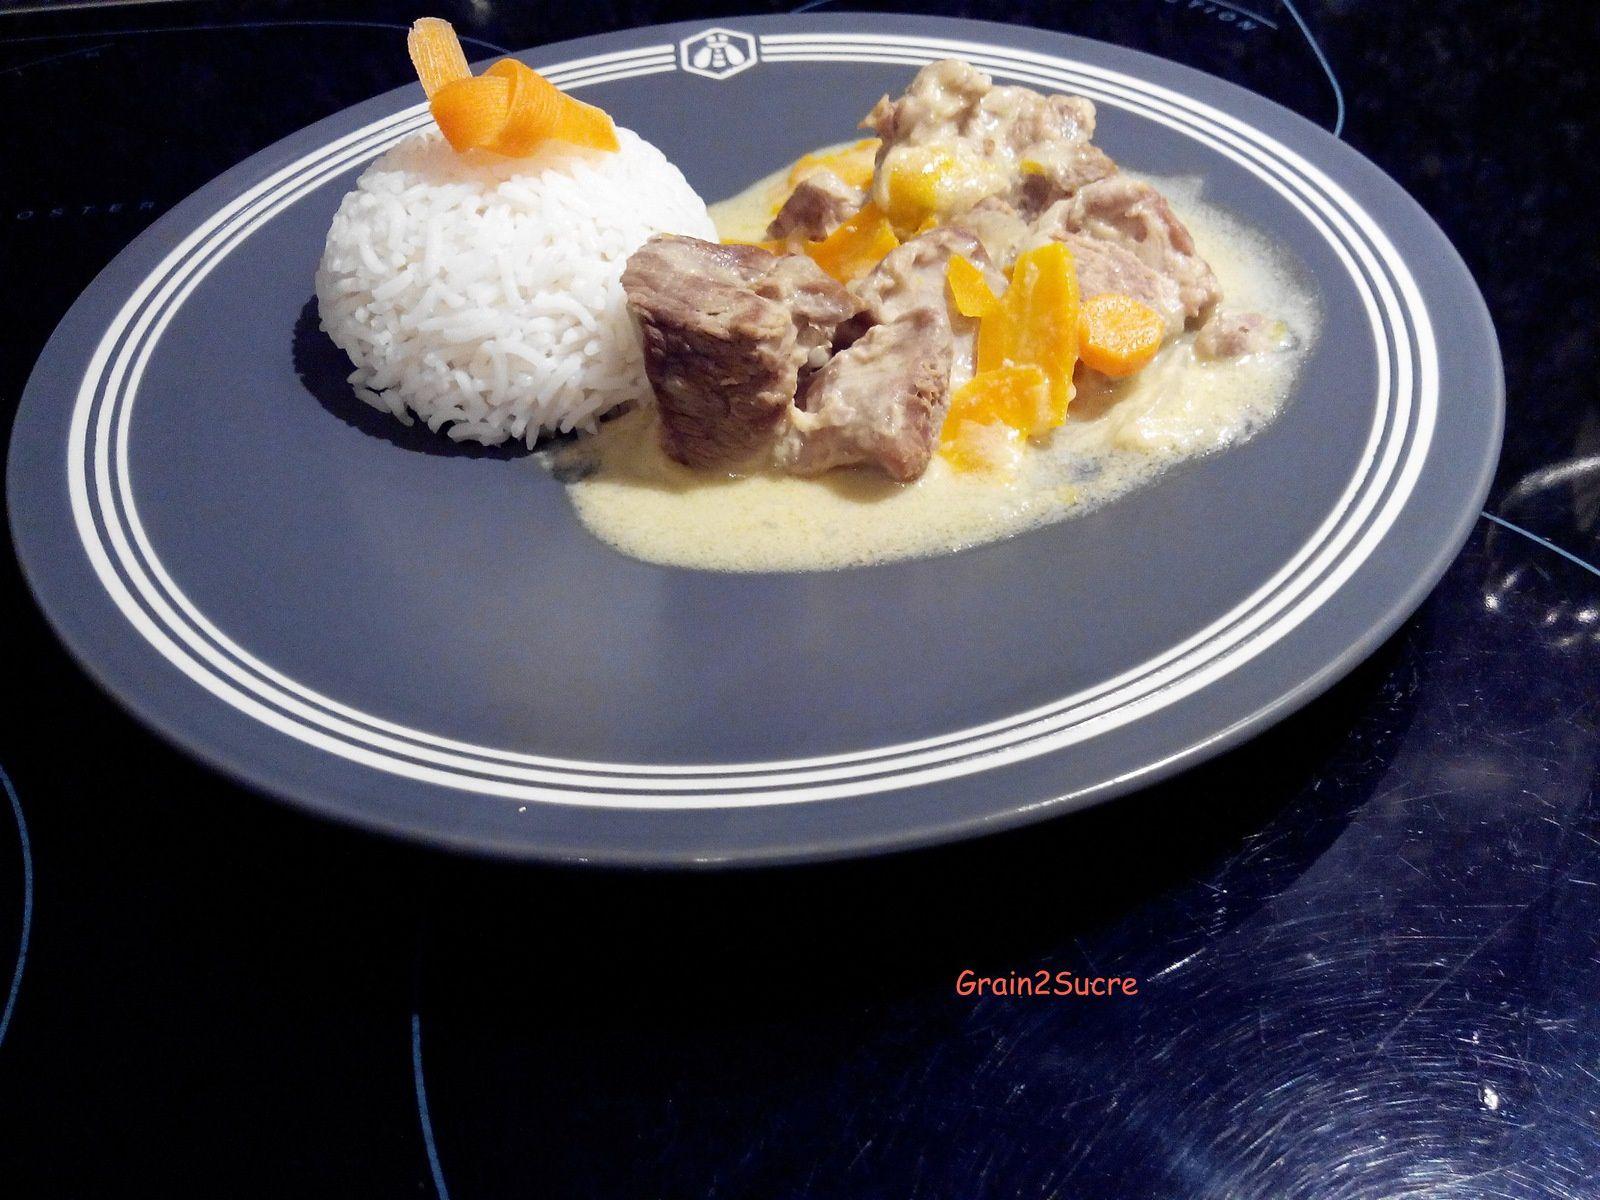 Grain2Sucre. Recette salée. Sauté de porc à la crème de moutarde. Sauté de porc, oignons, carottes, vin blanc, crème fraîche.